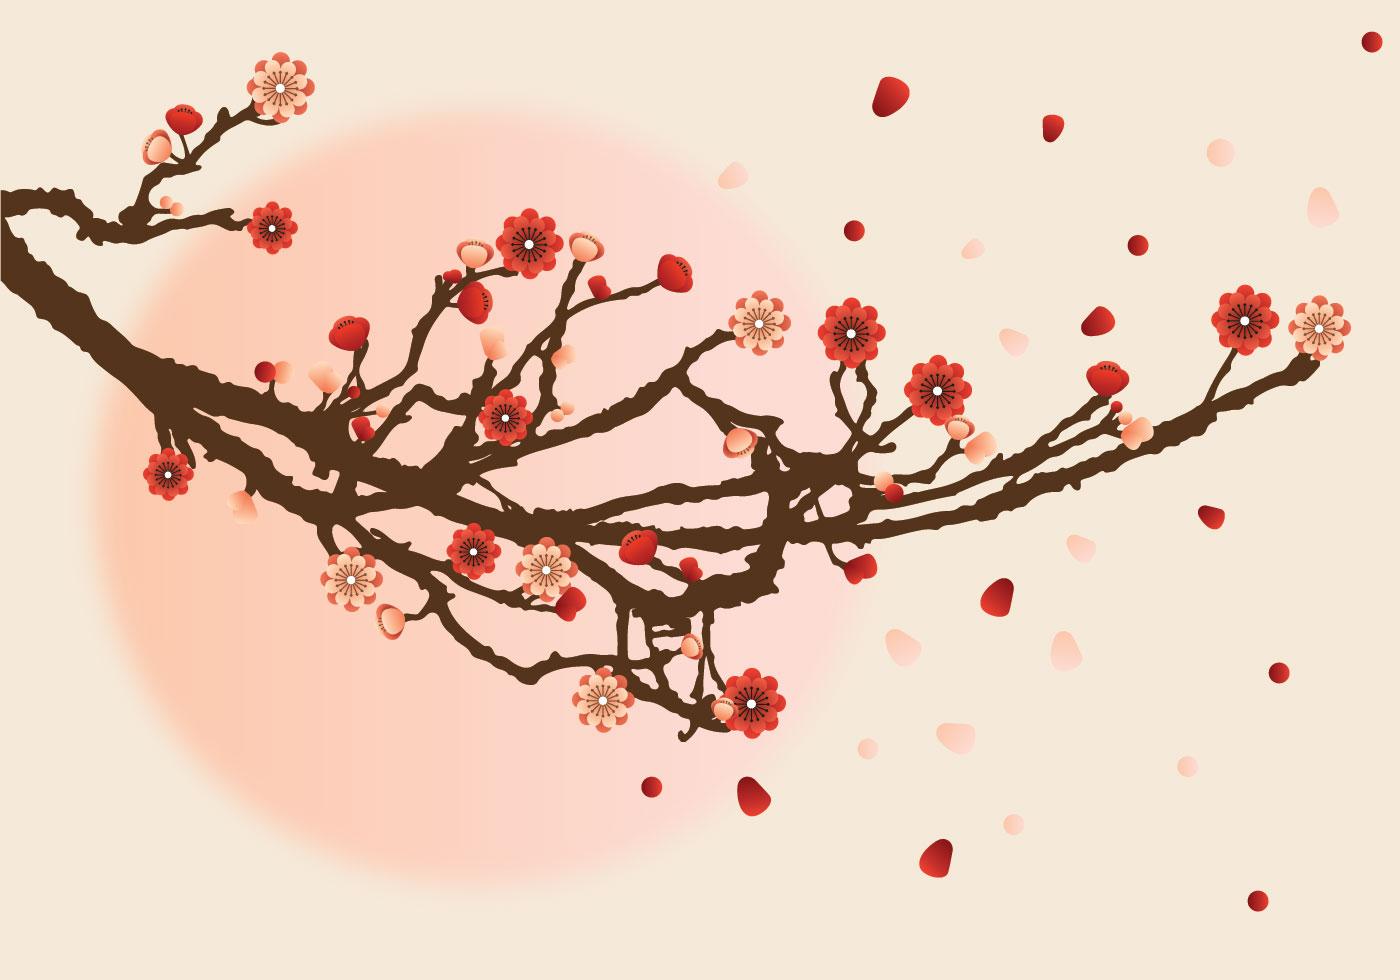 Falling Cherry Blossoms Wallpaper Plum Flower Free Vector Art 7982 Free Downloads